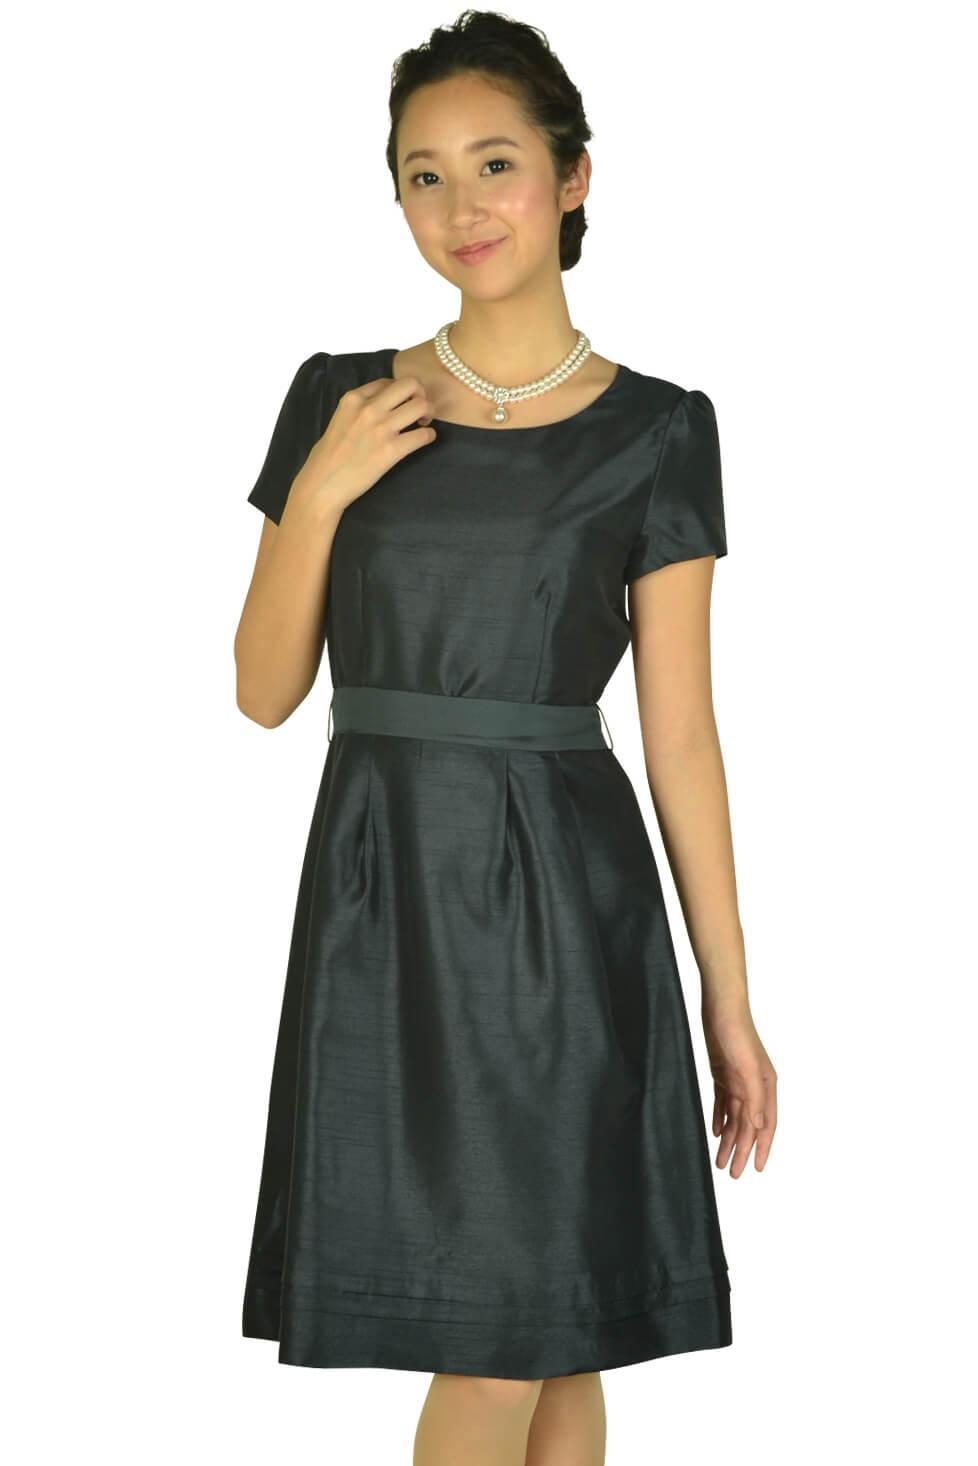 イノウェーブ (innowave)半袖シンプルシャンタンネイビードレス